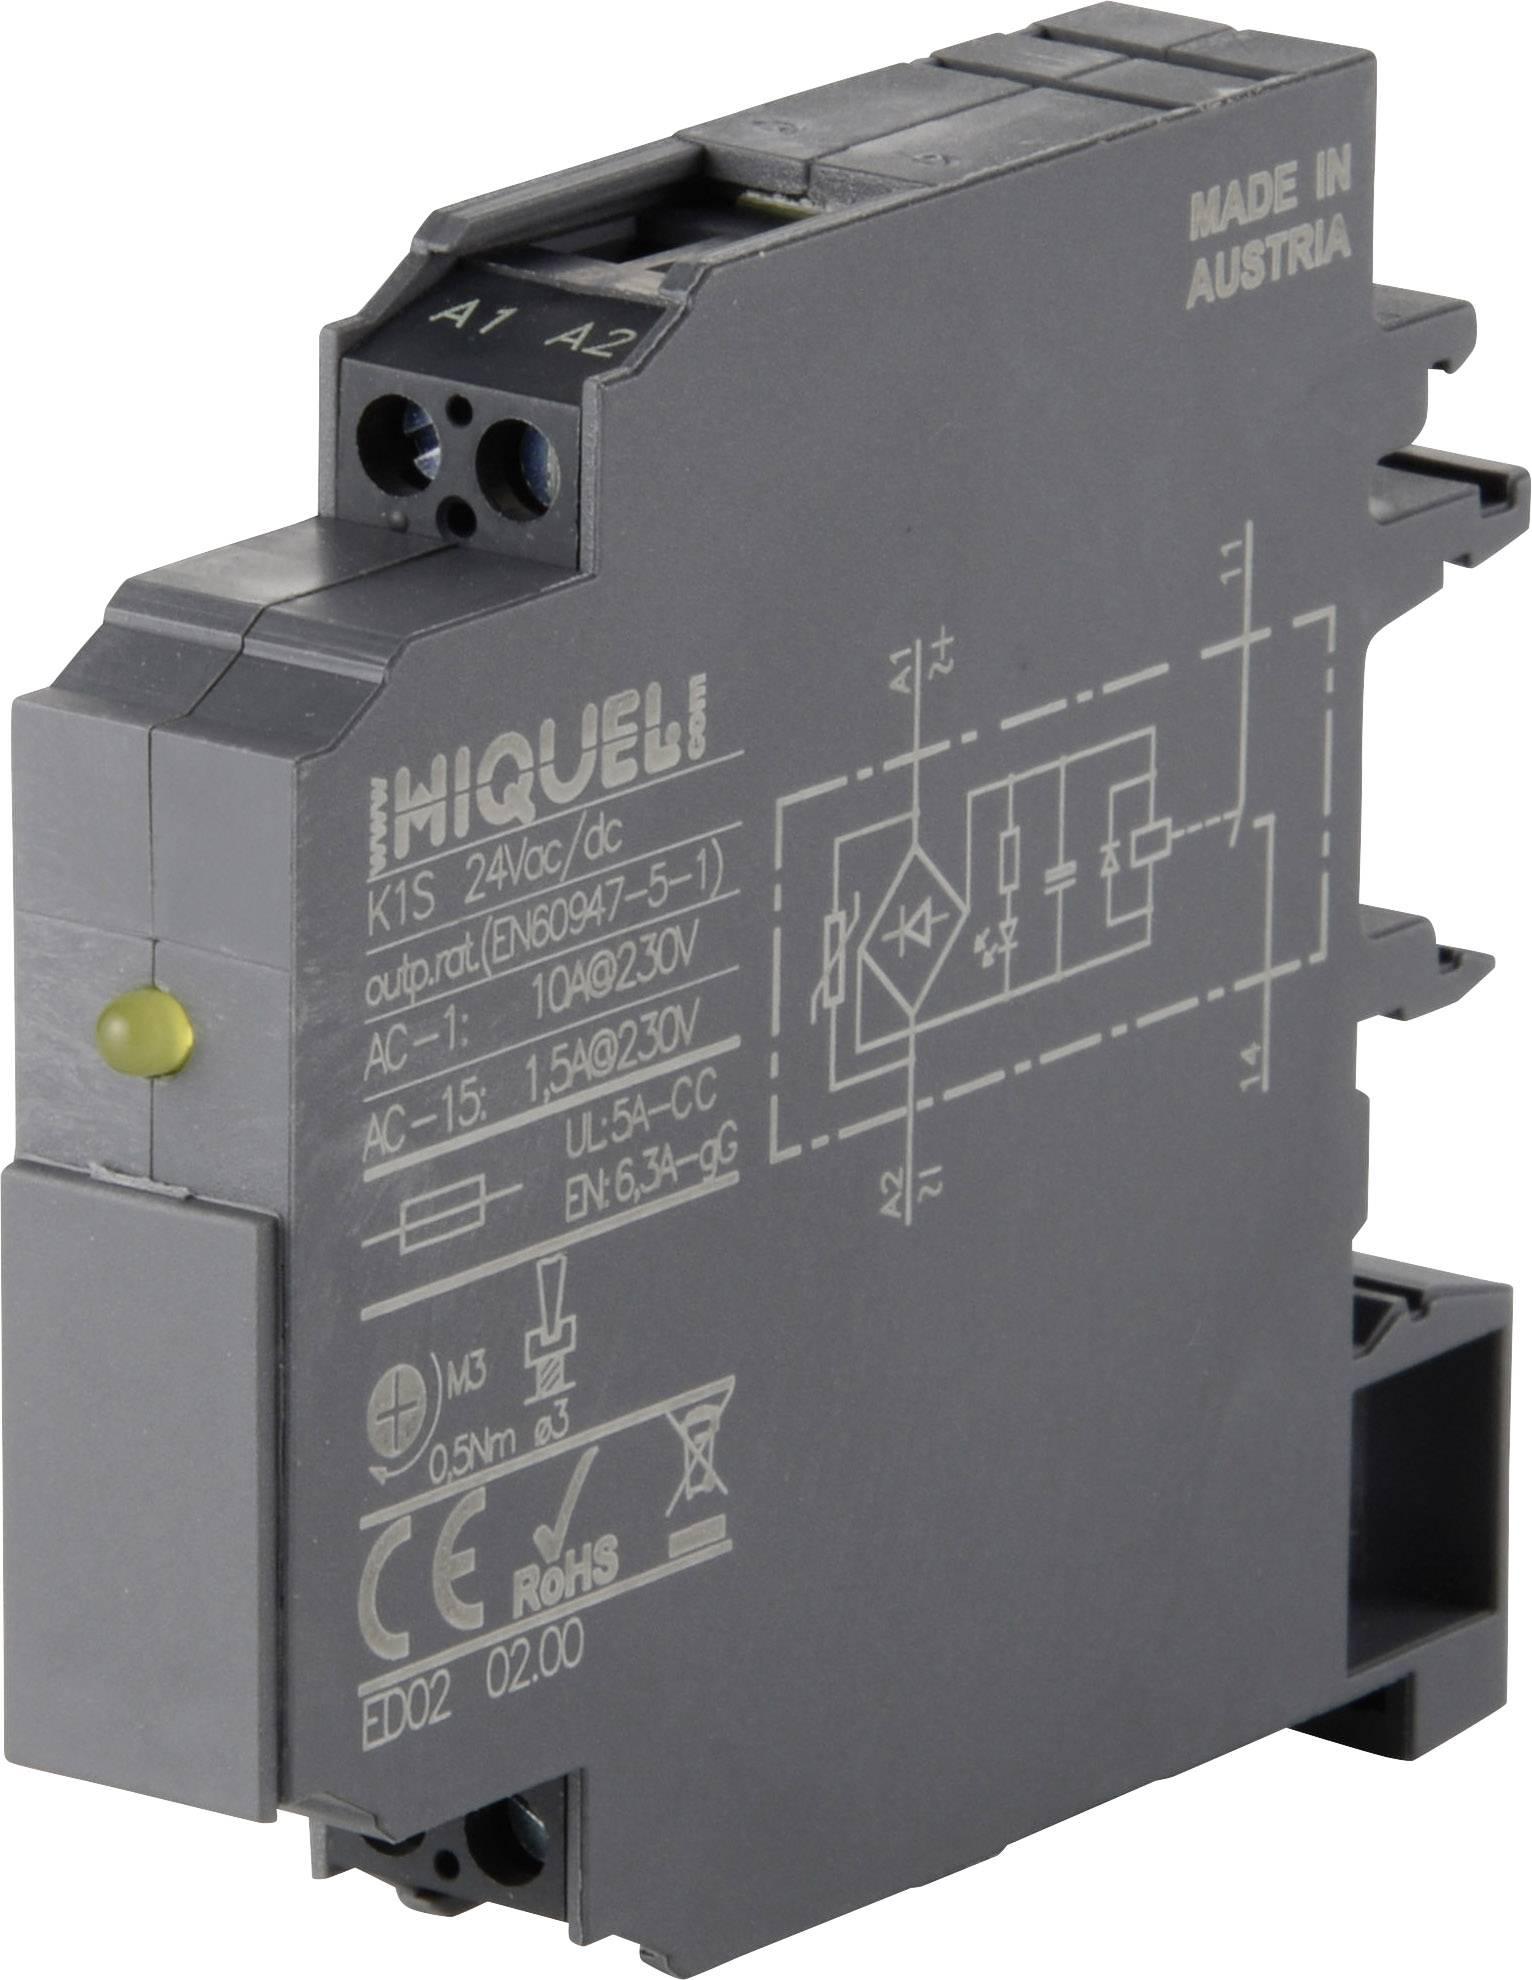 Vazební relé Hiquel, K1W 24 V/AC/DC, 10 A, 12 mm